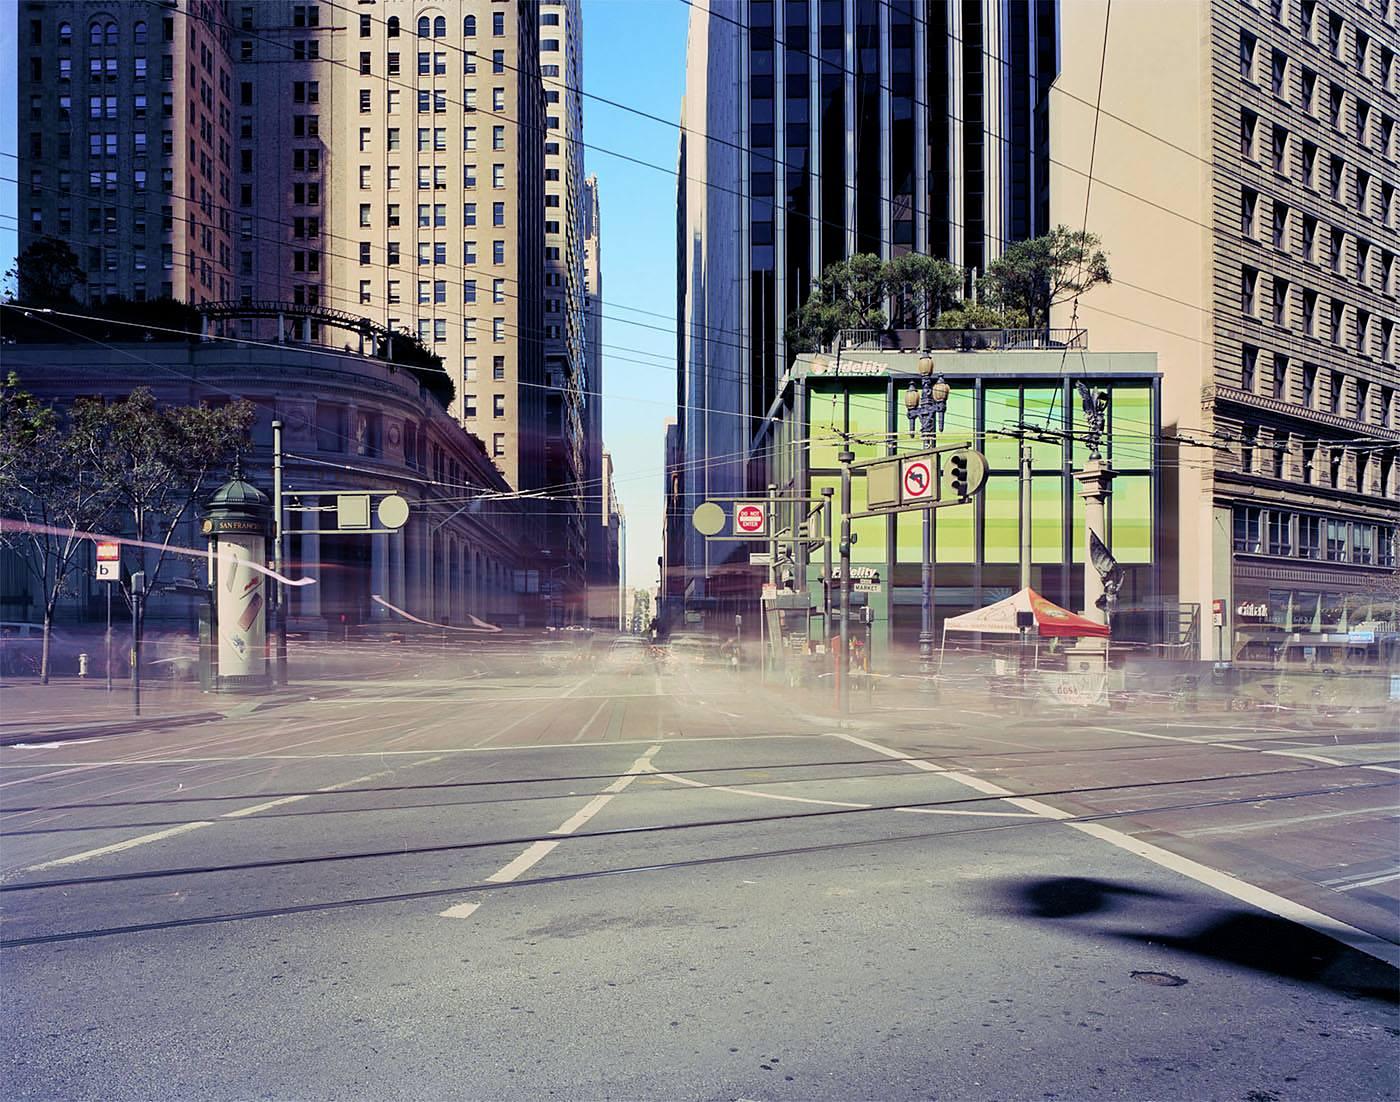 SF Streets